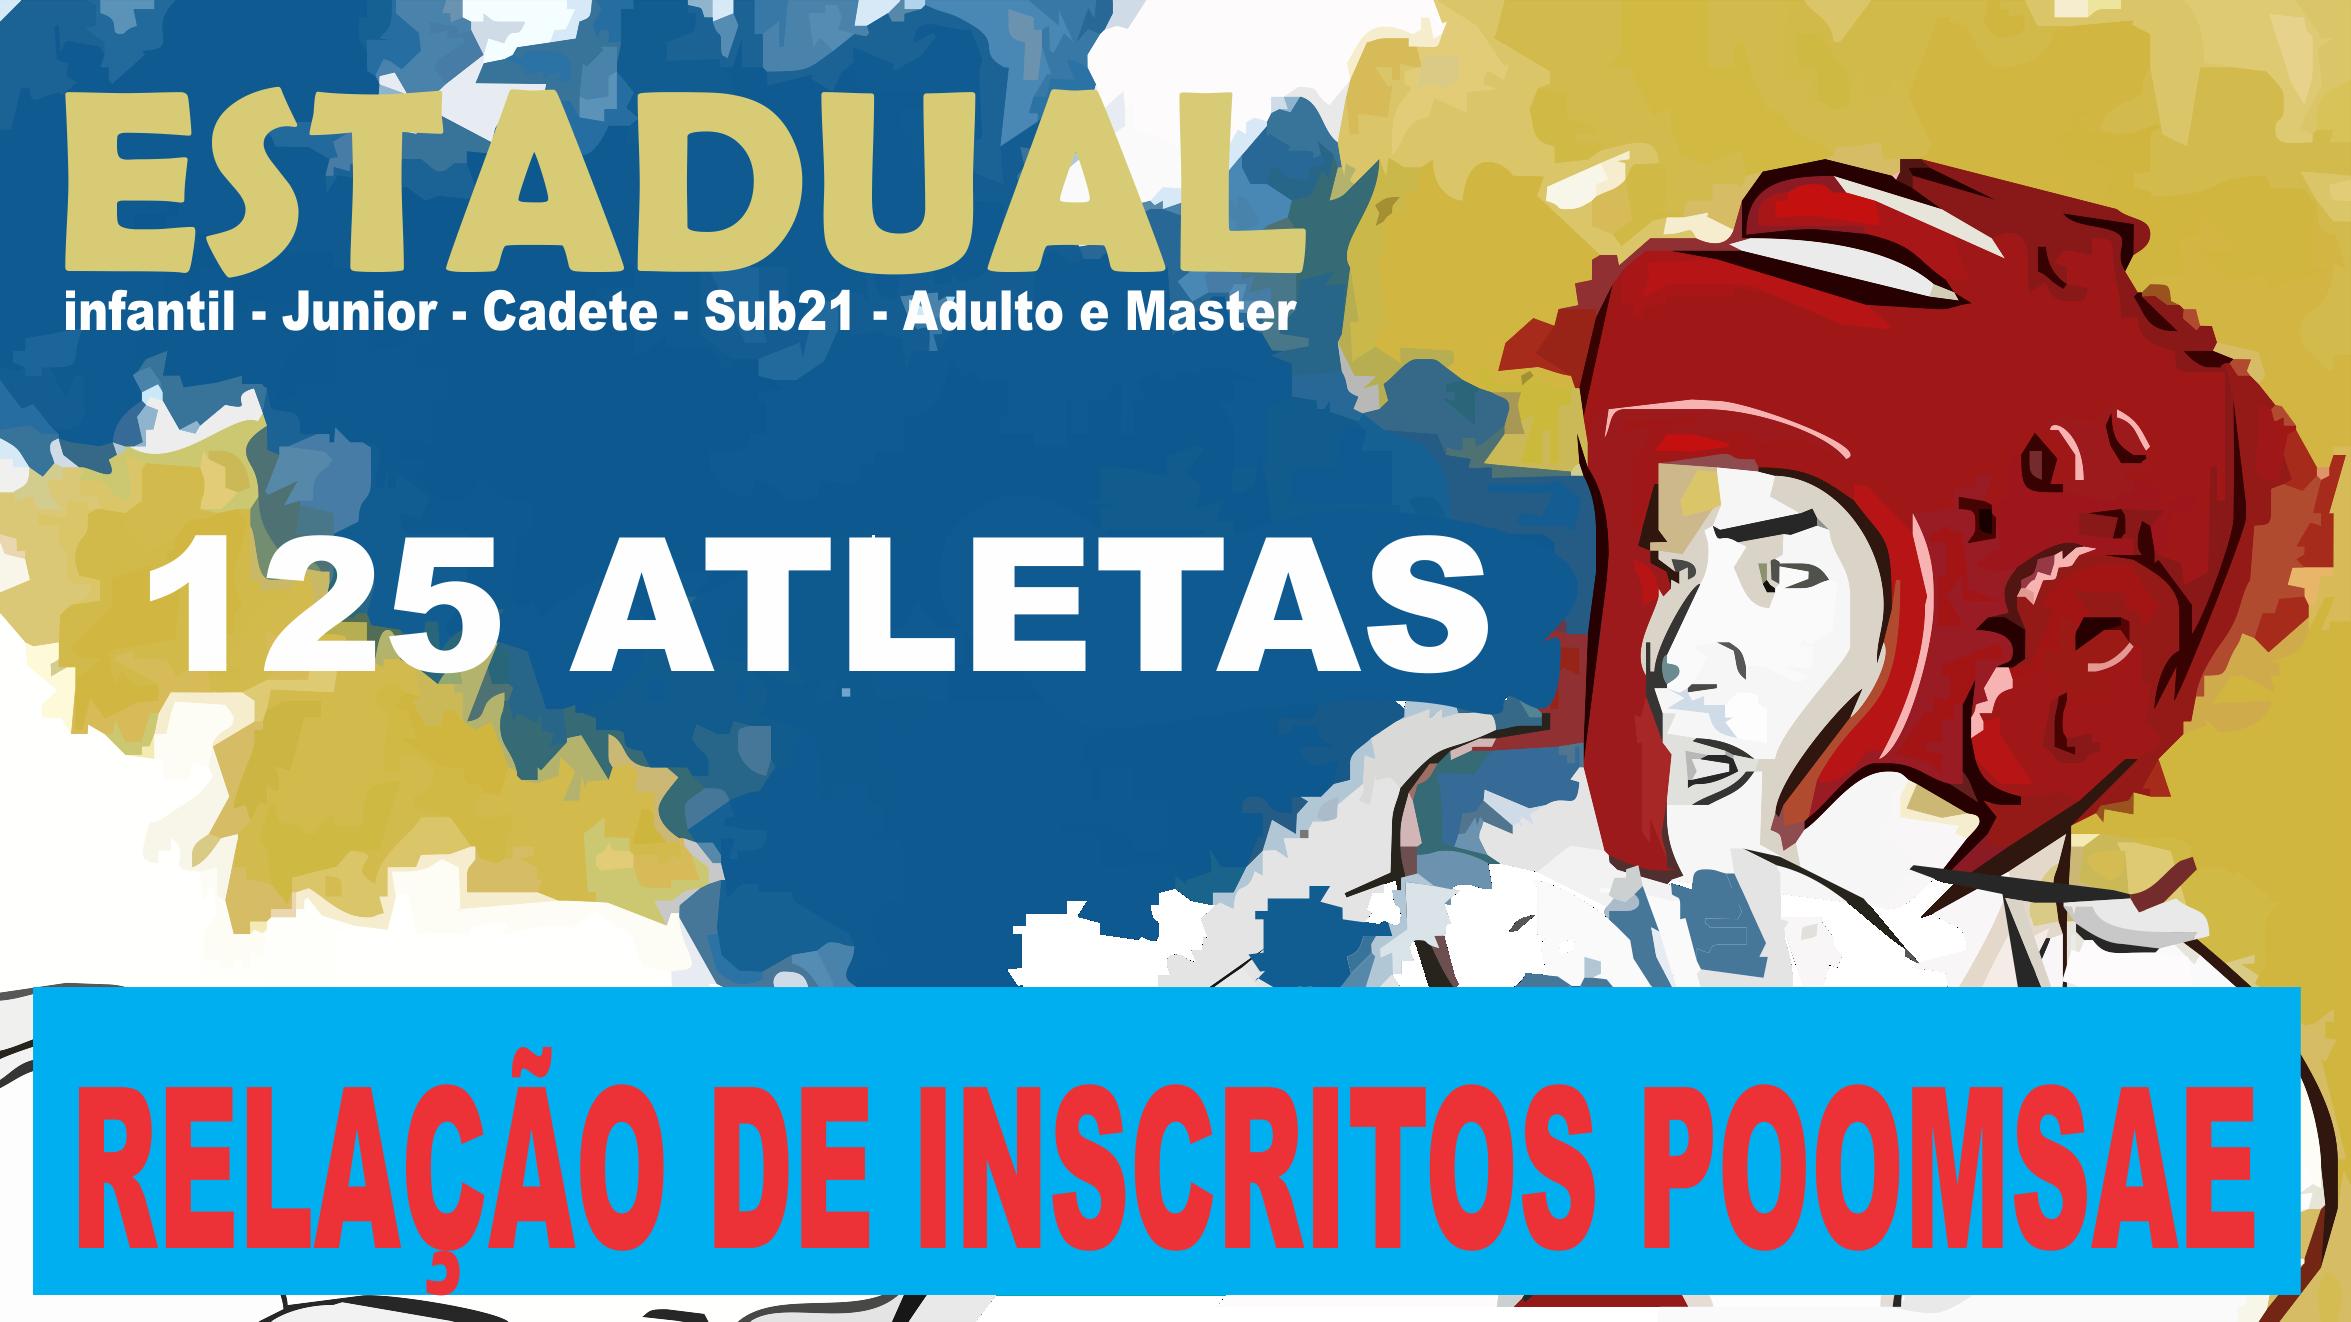 RELAÇÃO OFICIAL DE INSCRITOS  NO POOMSAE!